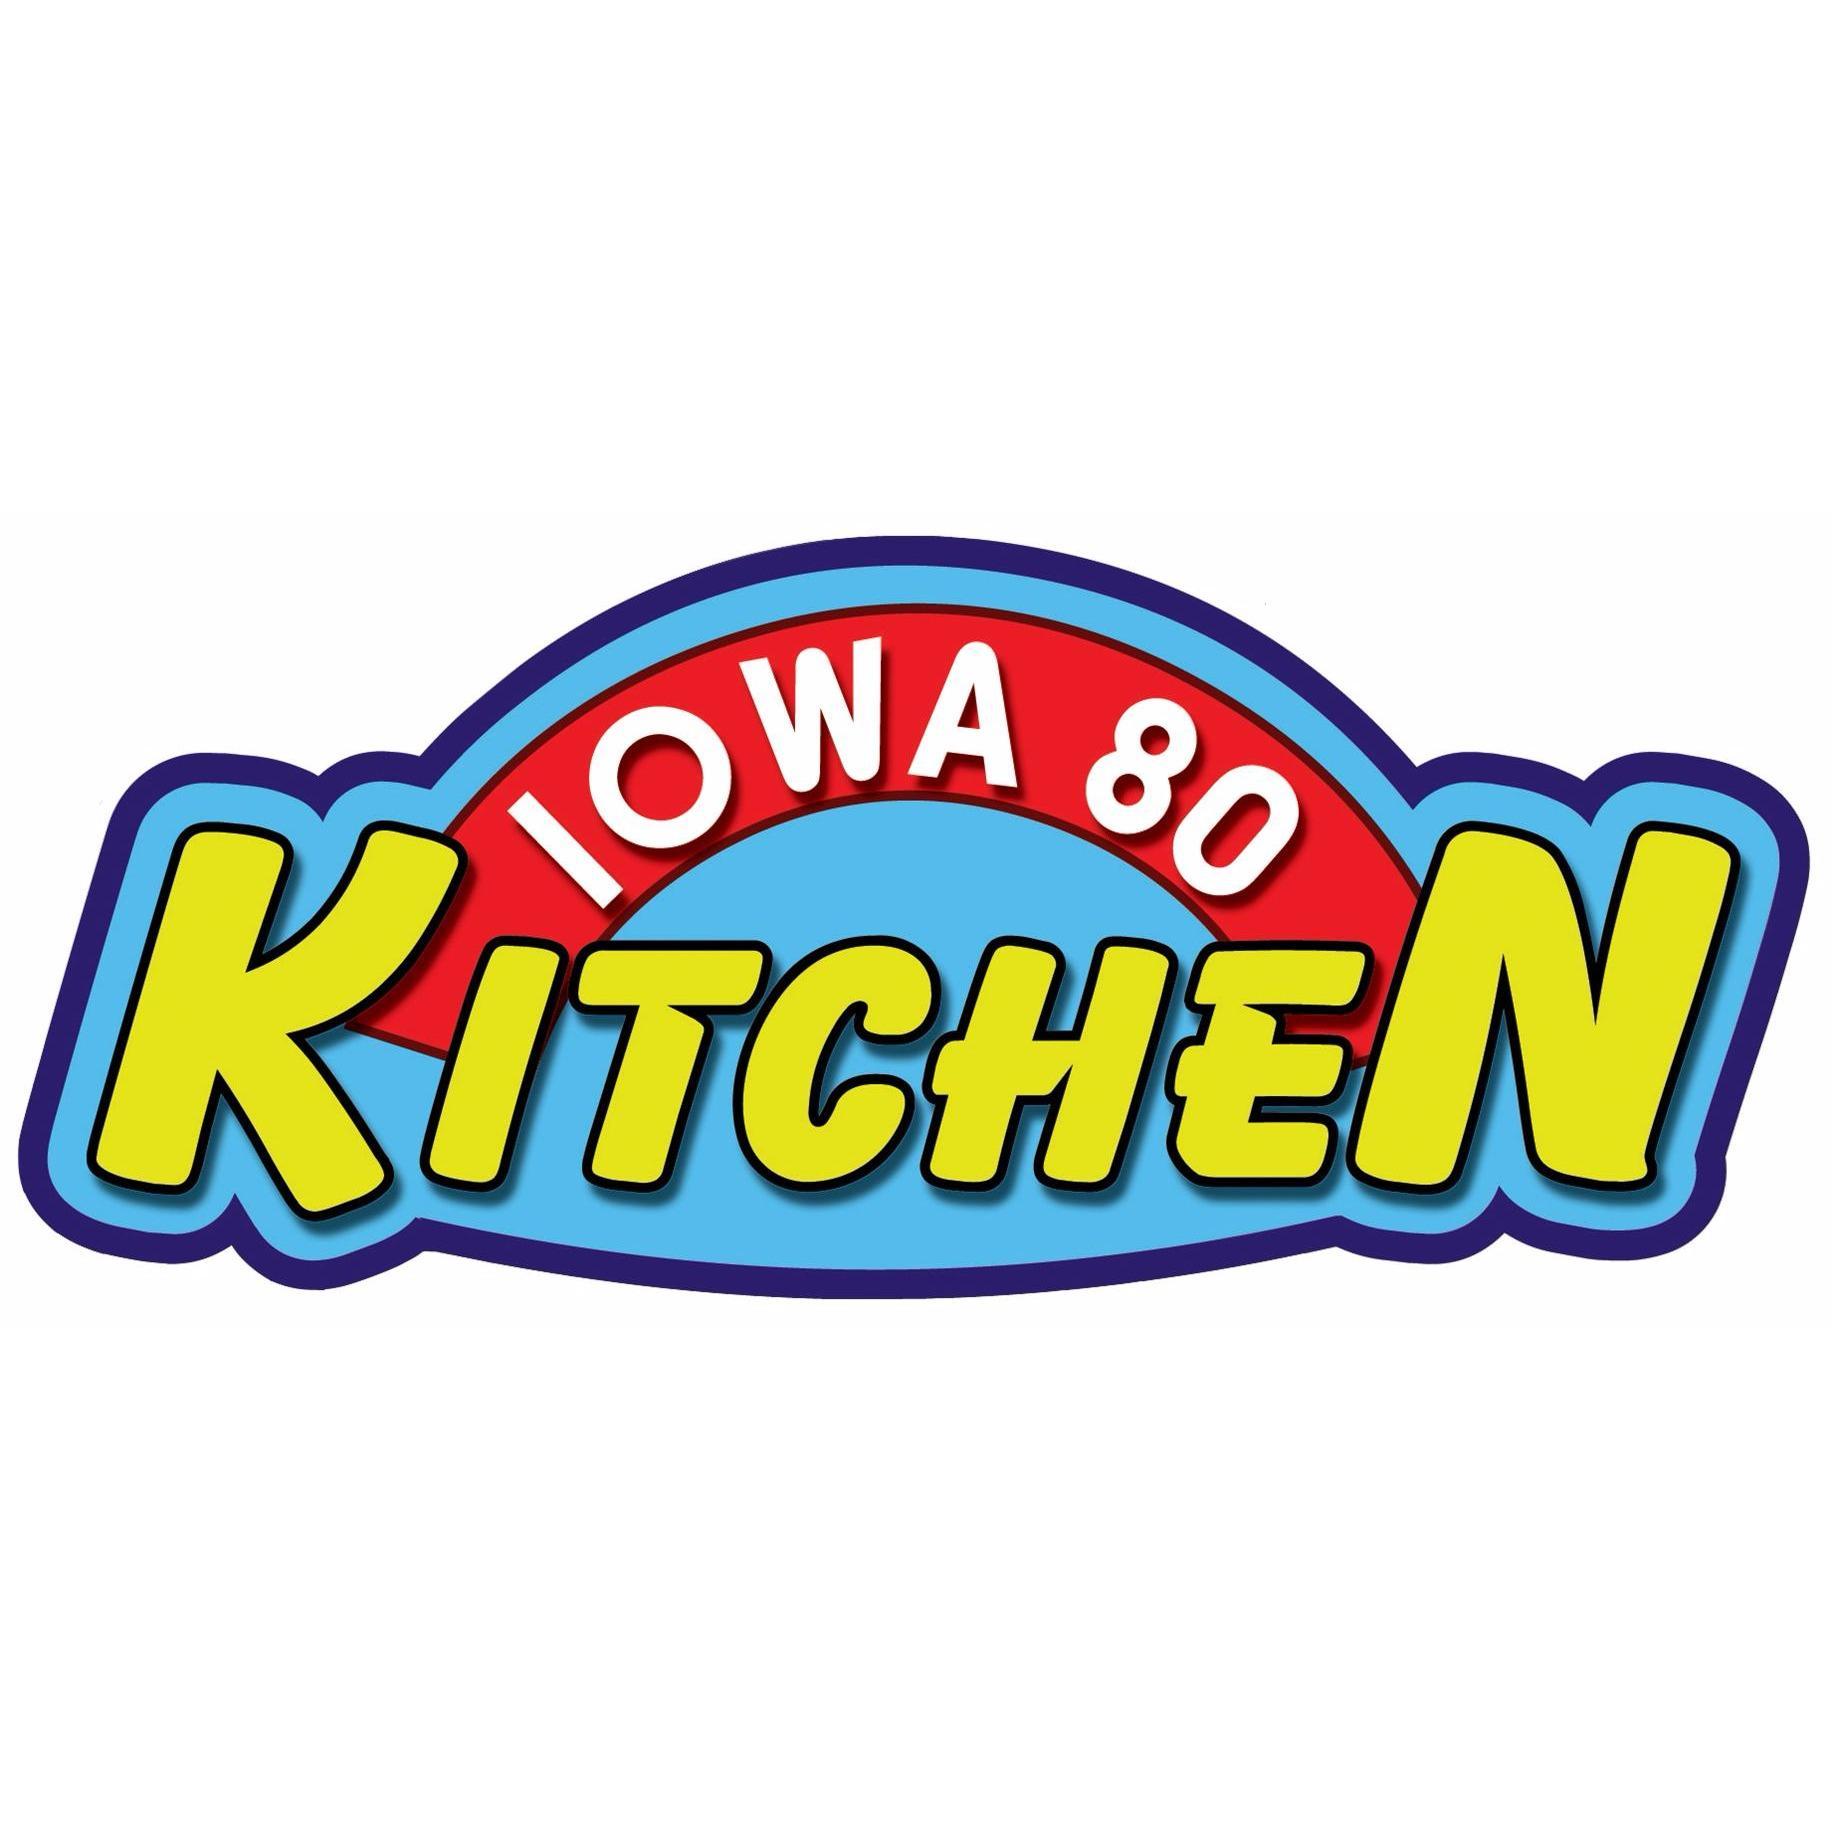 Iowa 80 Kitchen